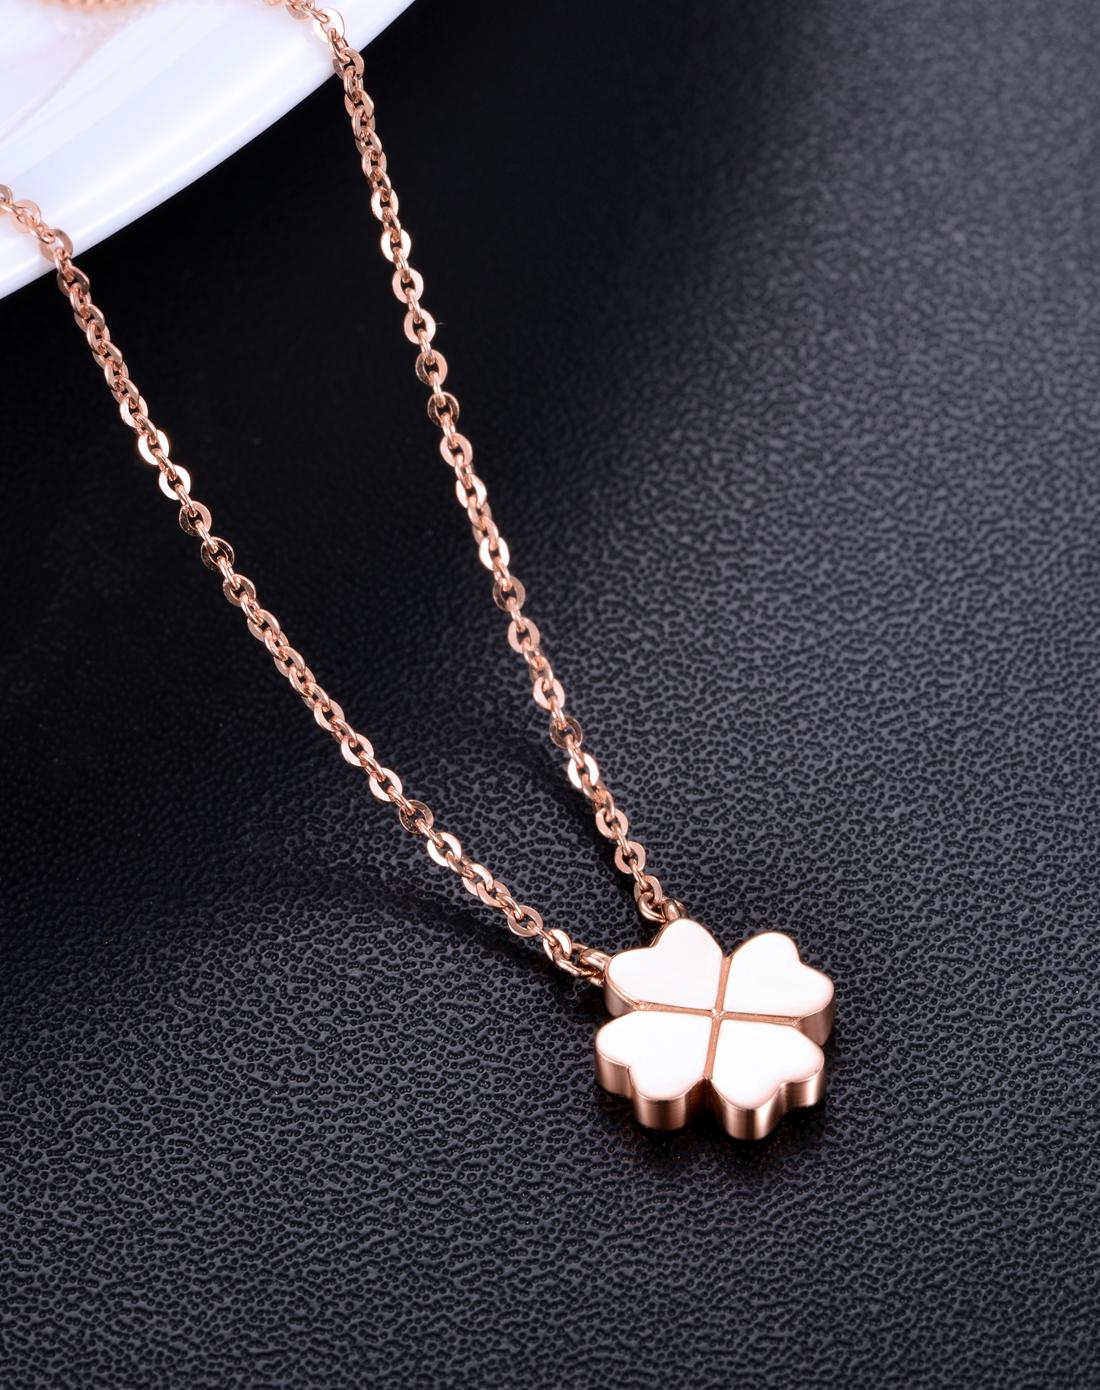 项链,玫瑰金项链,佐卡伊项链